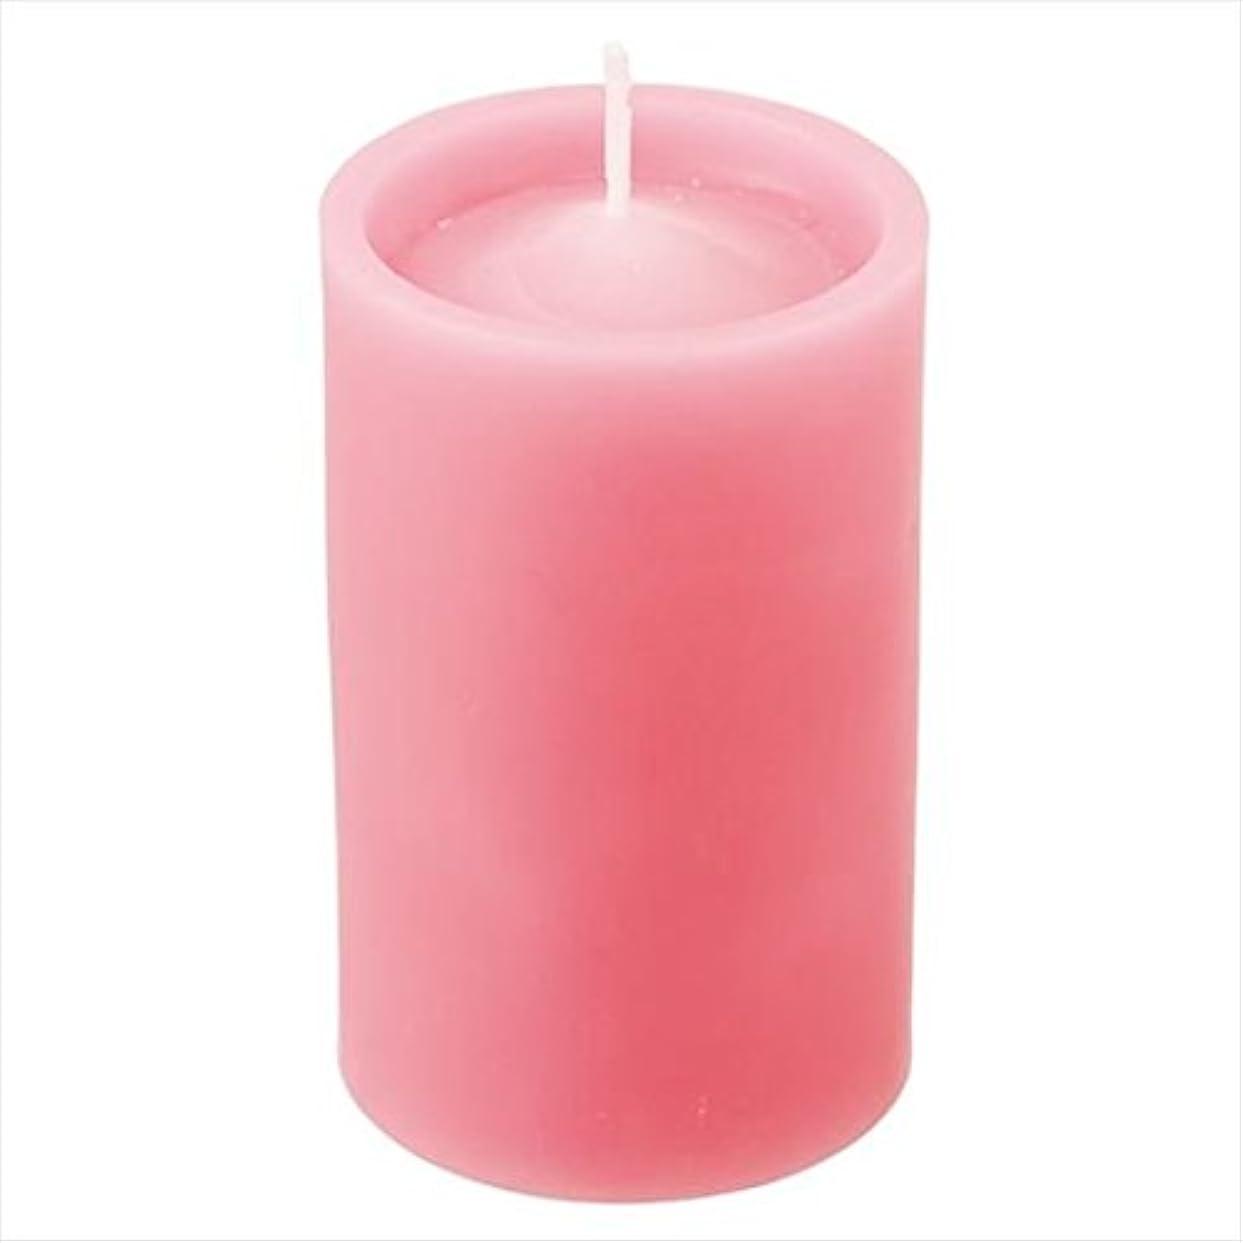 想定割り当てます貼り直すkameyama candle(カメヤマキャンドル) ロイヤルラウンド60 「 ダークピンク 」 キャンドル 60x60x100mm (52750000DP)